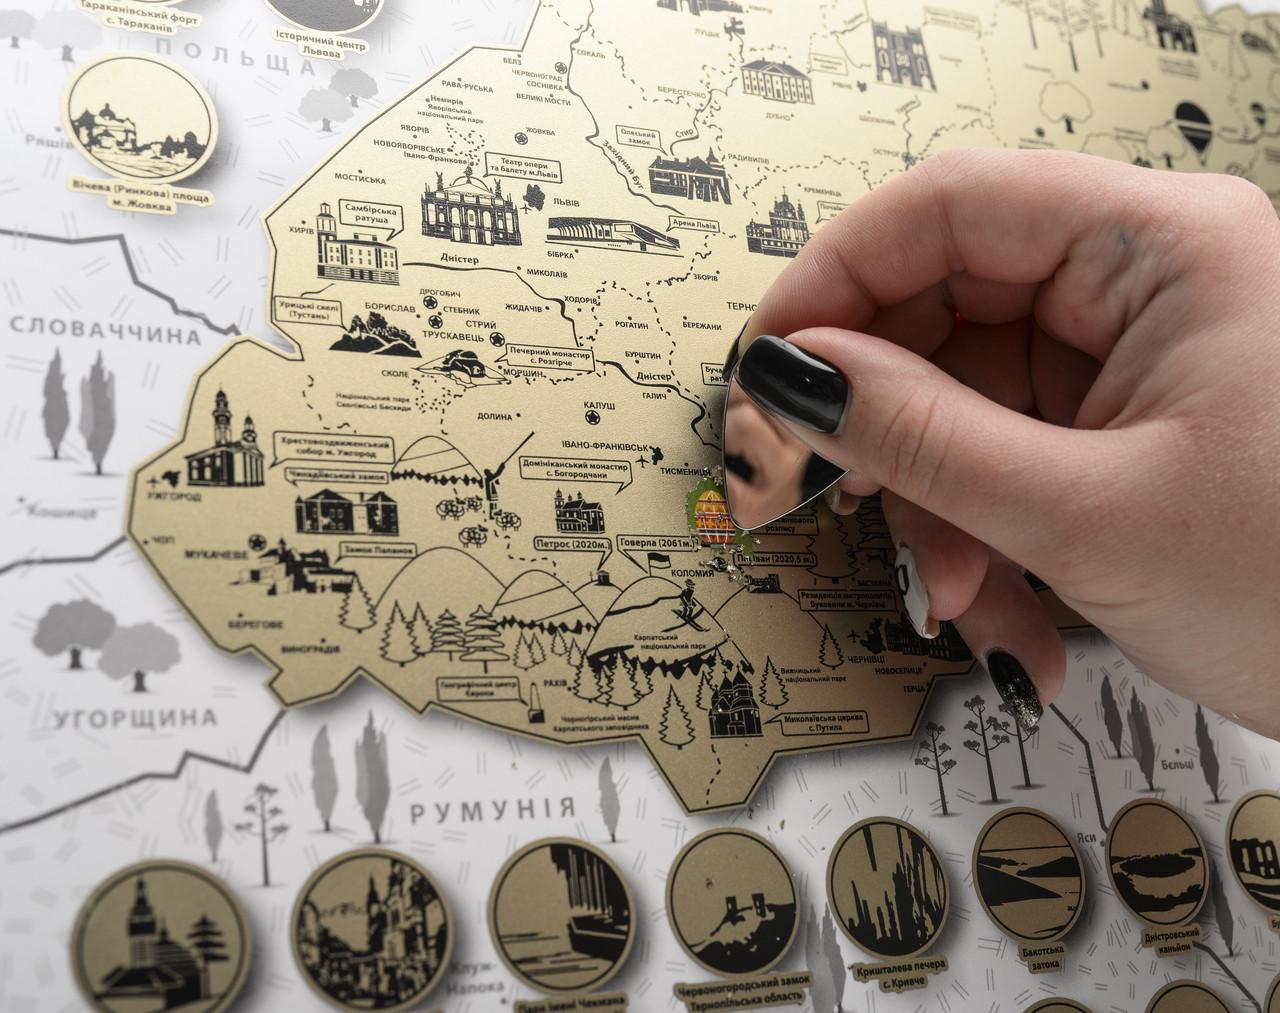 Самая подробная скретч карта Украины My Map Ukraine edition на украинском языке - фото 4